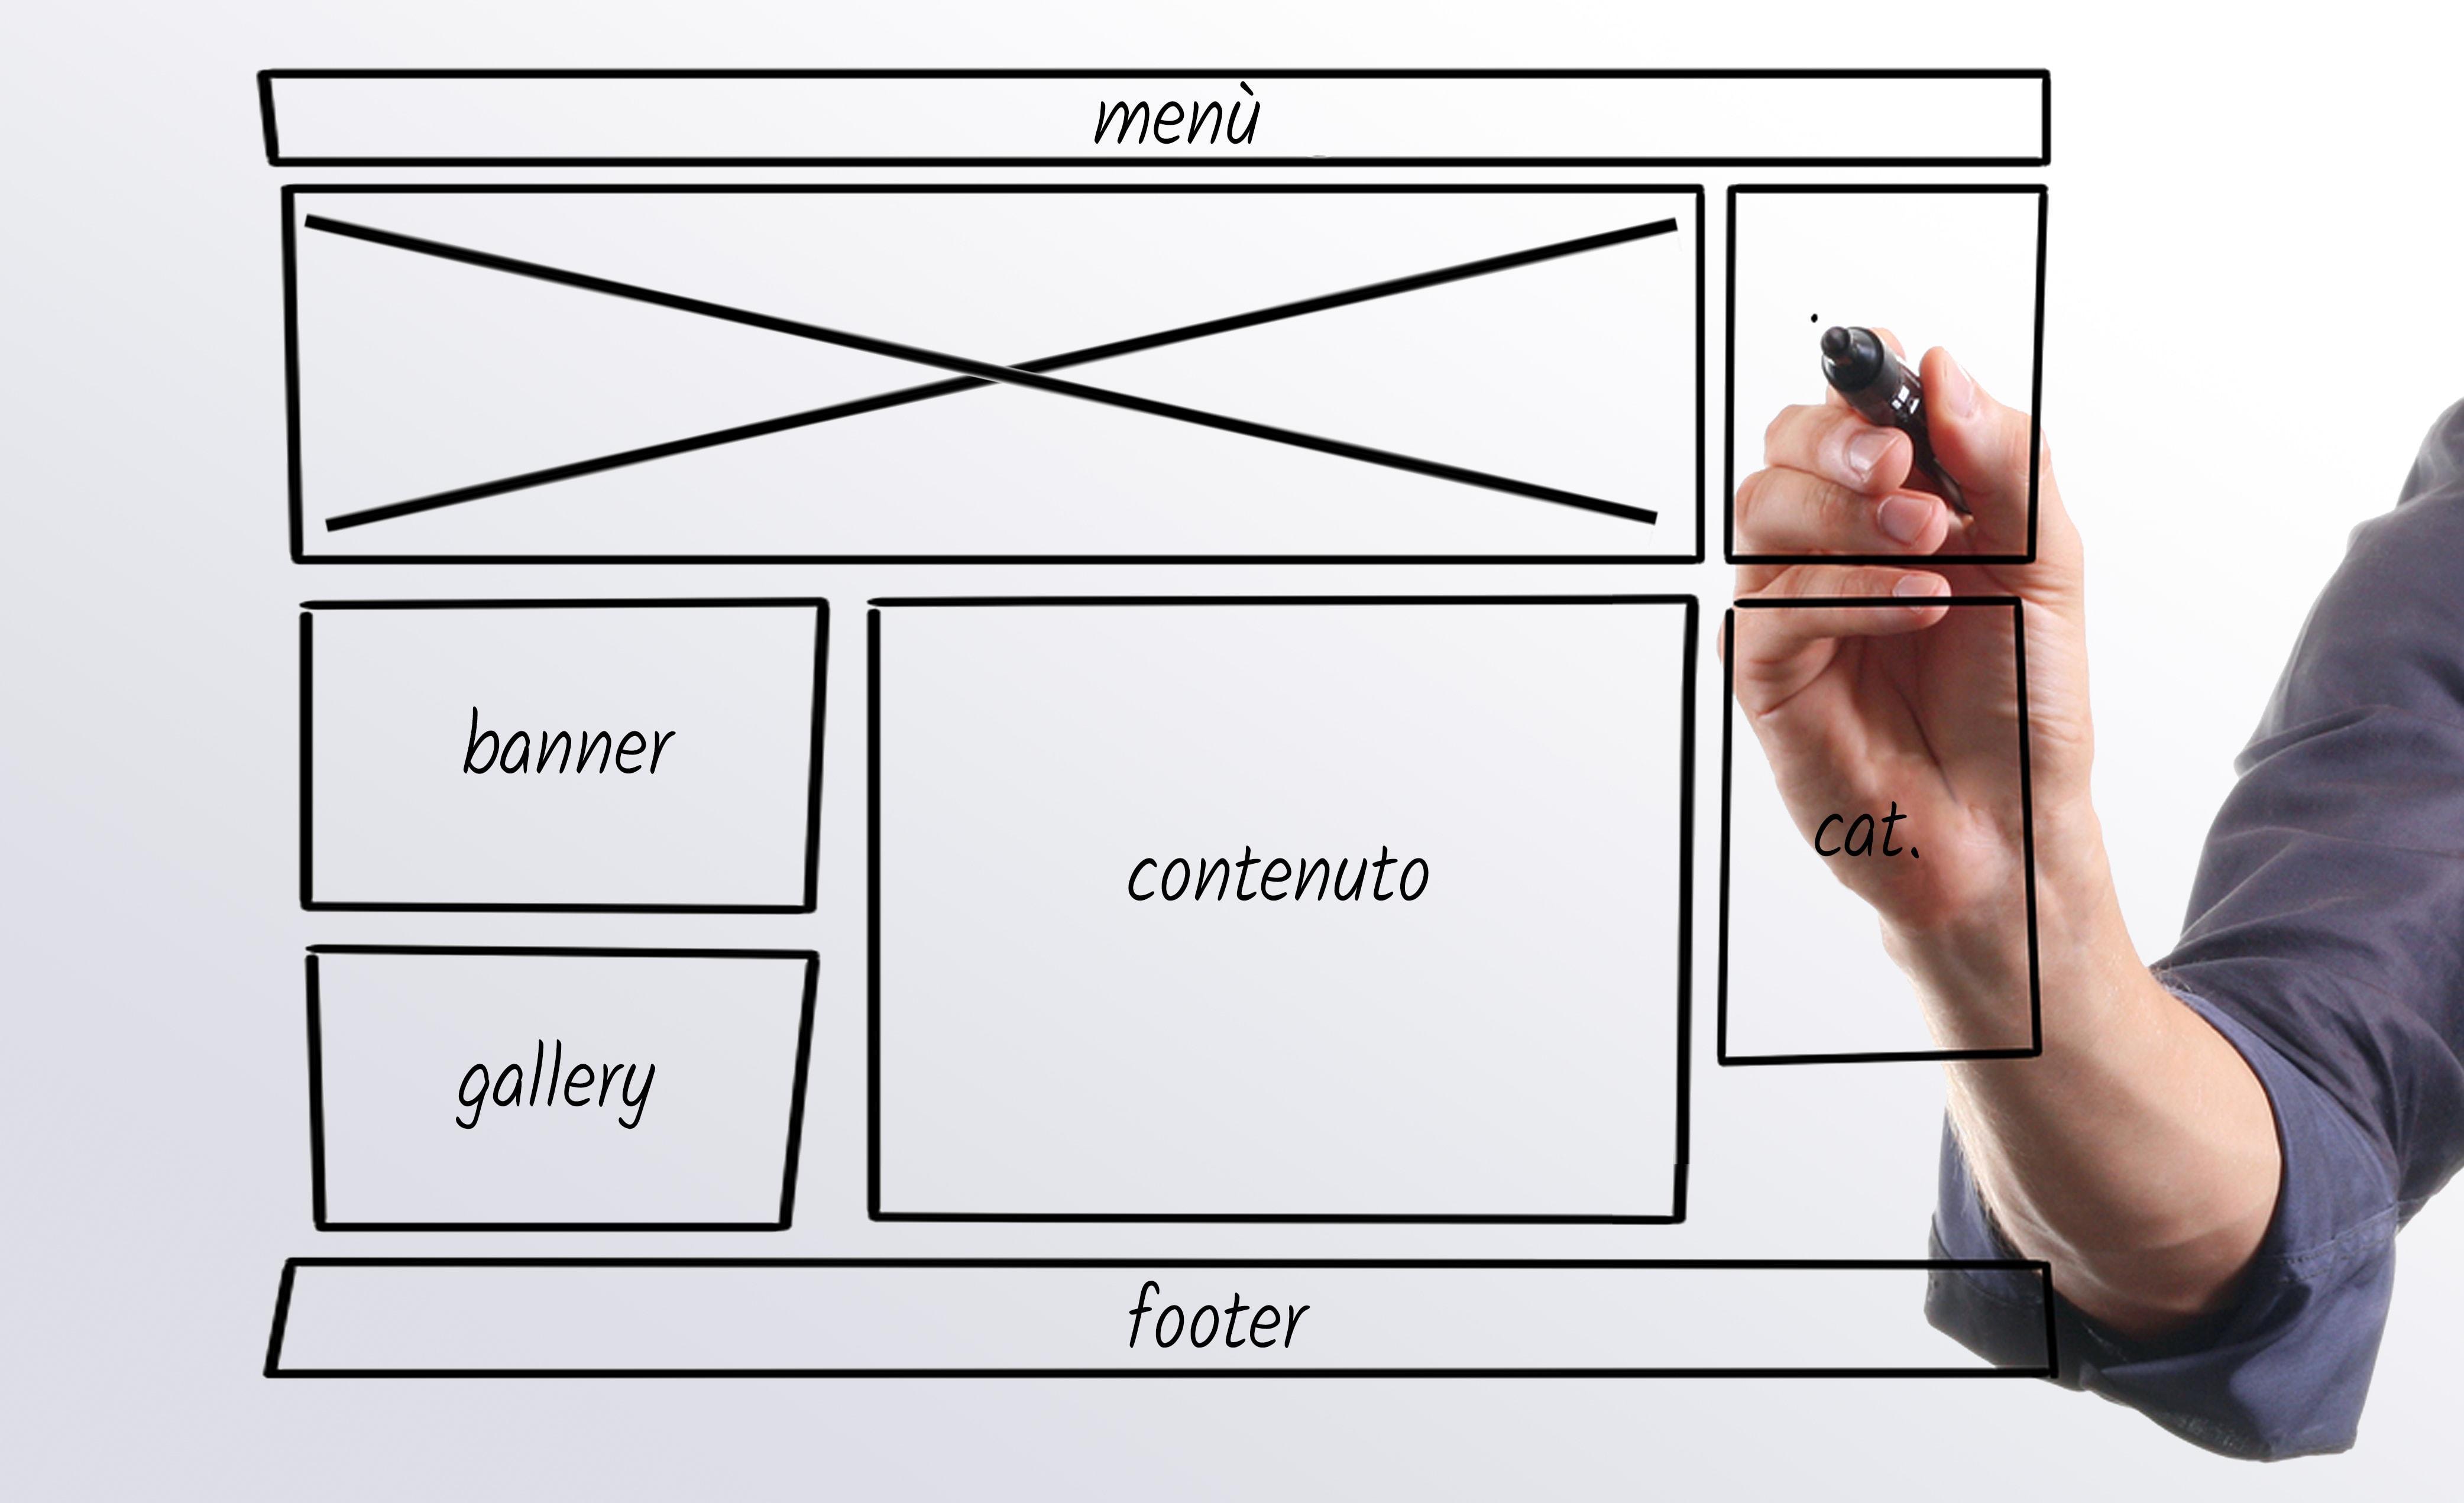 Tre consigli di web design che dovete subito utilizzare